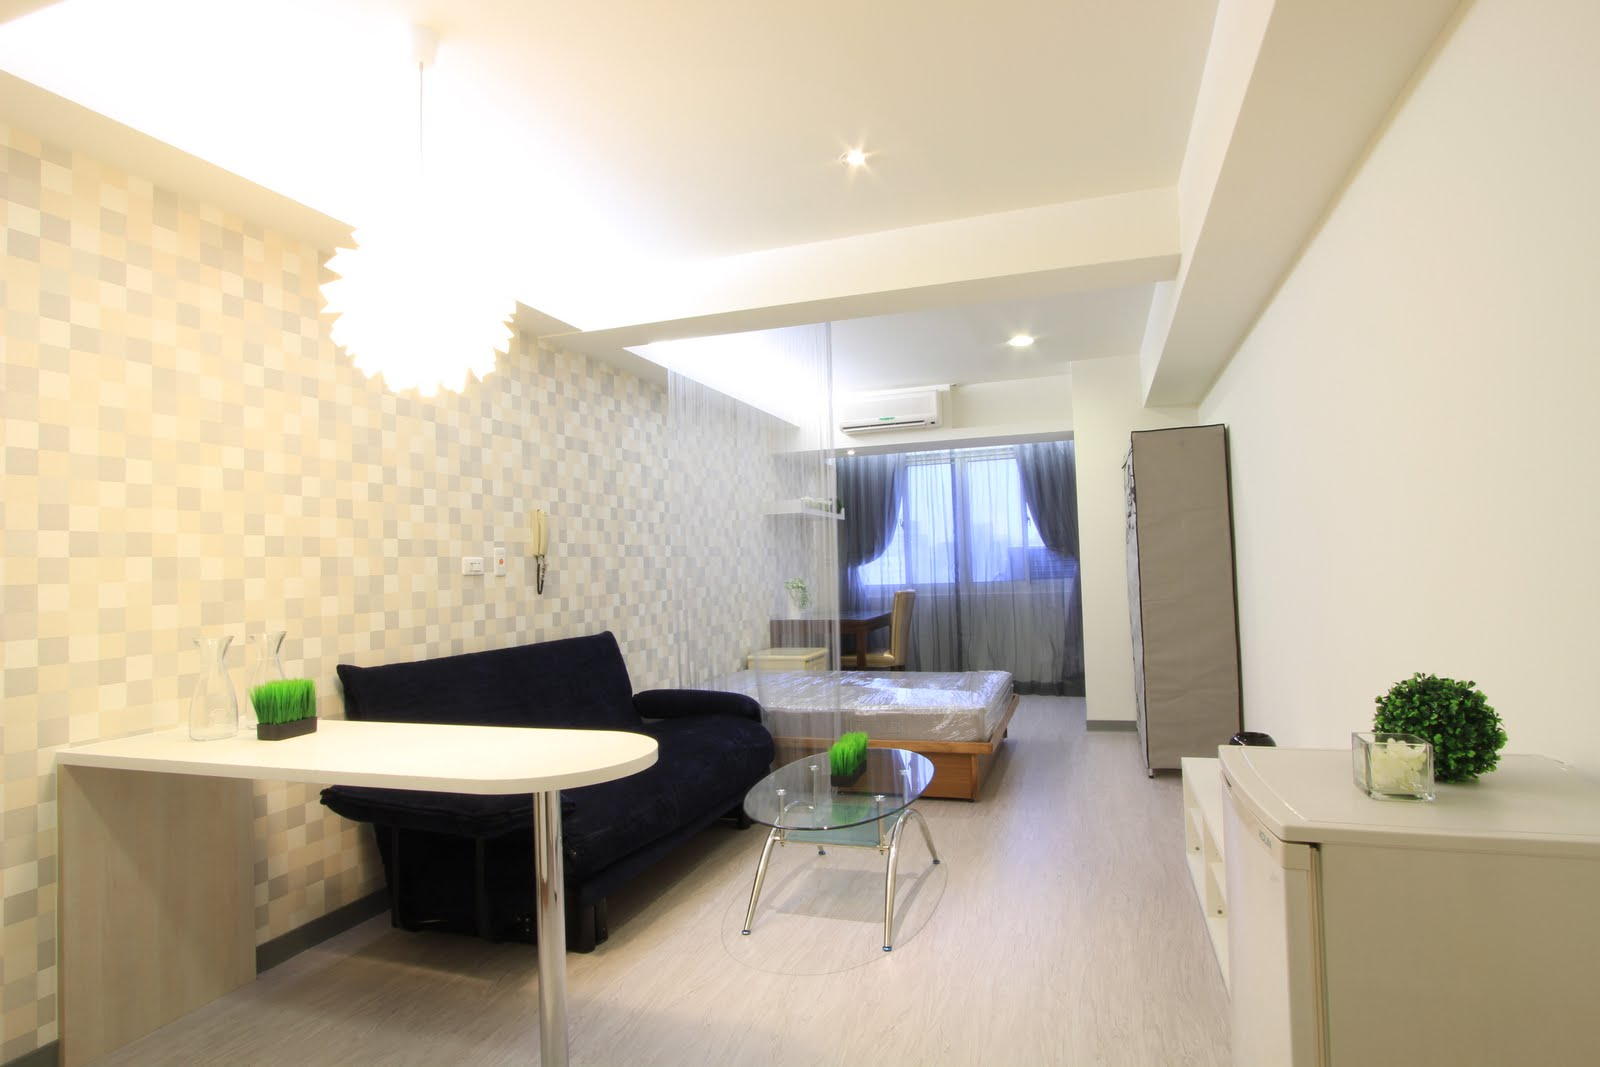 室內·套房·小套房室內設計diy – 青蛙堂部落格